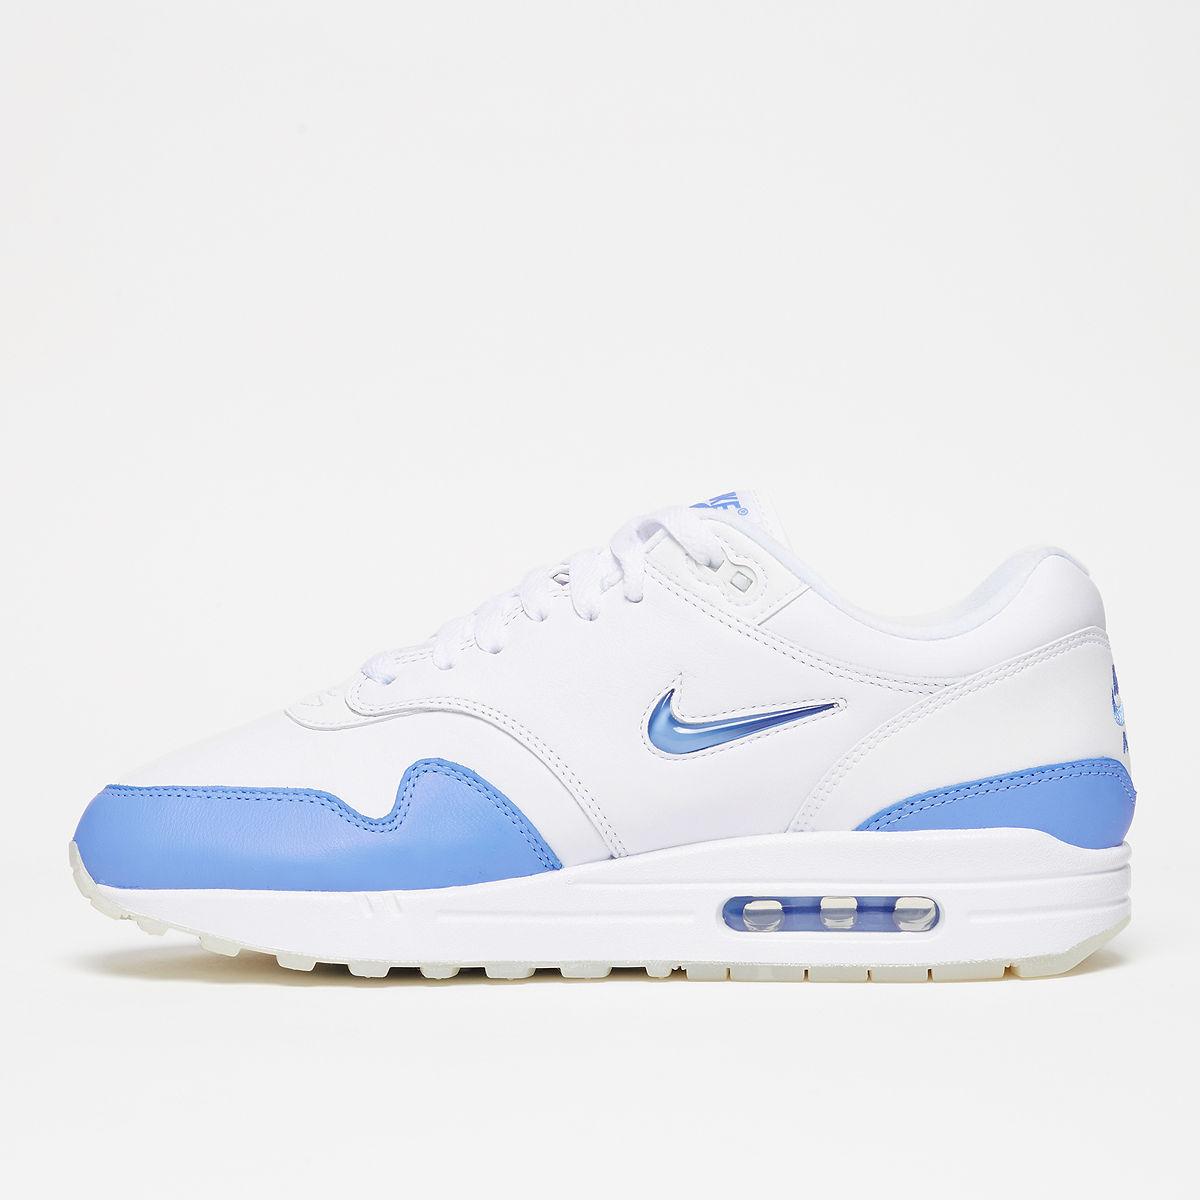 cc1c348cb227 1200 x 1200 jumpmankicks.com. Nike Air Max ...